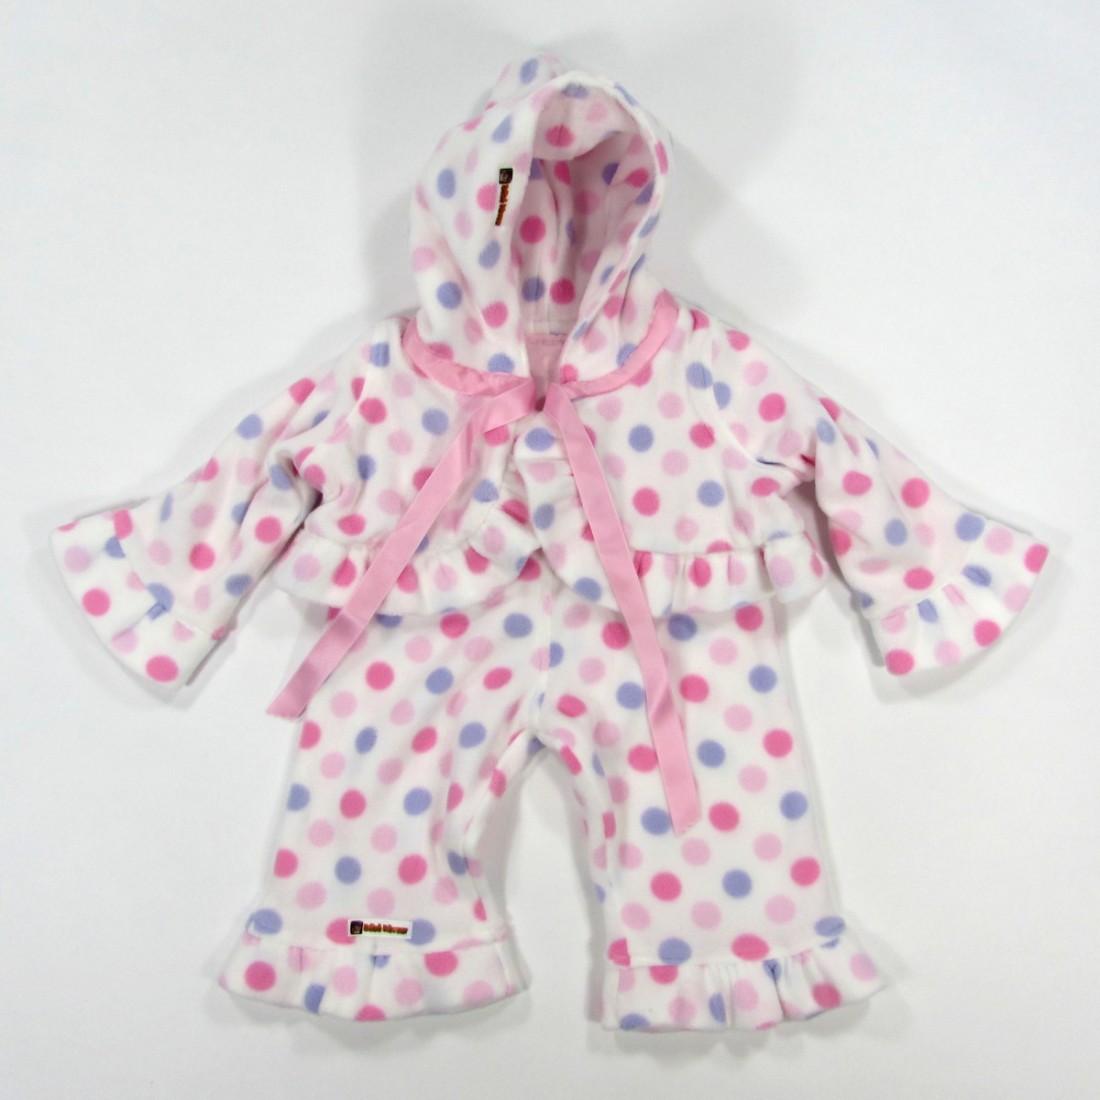 Paletot et pantalon bébé fille en polaire blanc imprimé pastilles roses et mauves